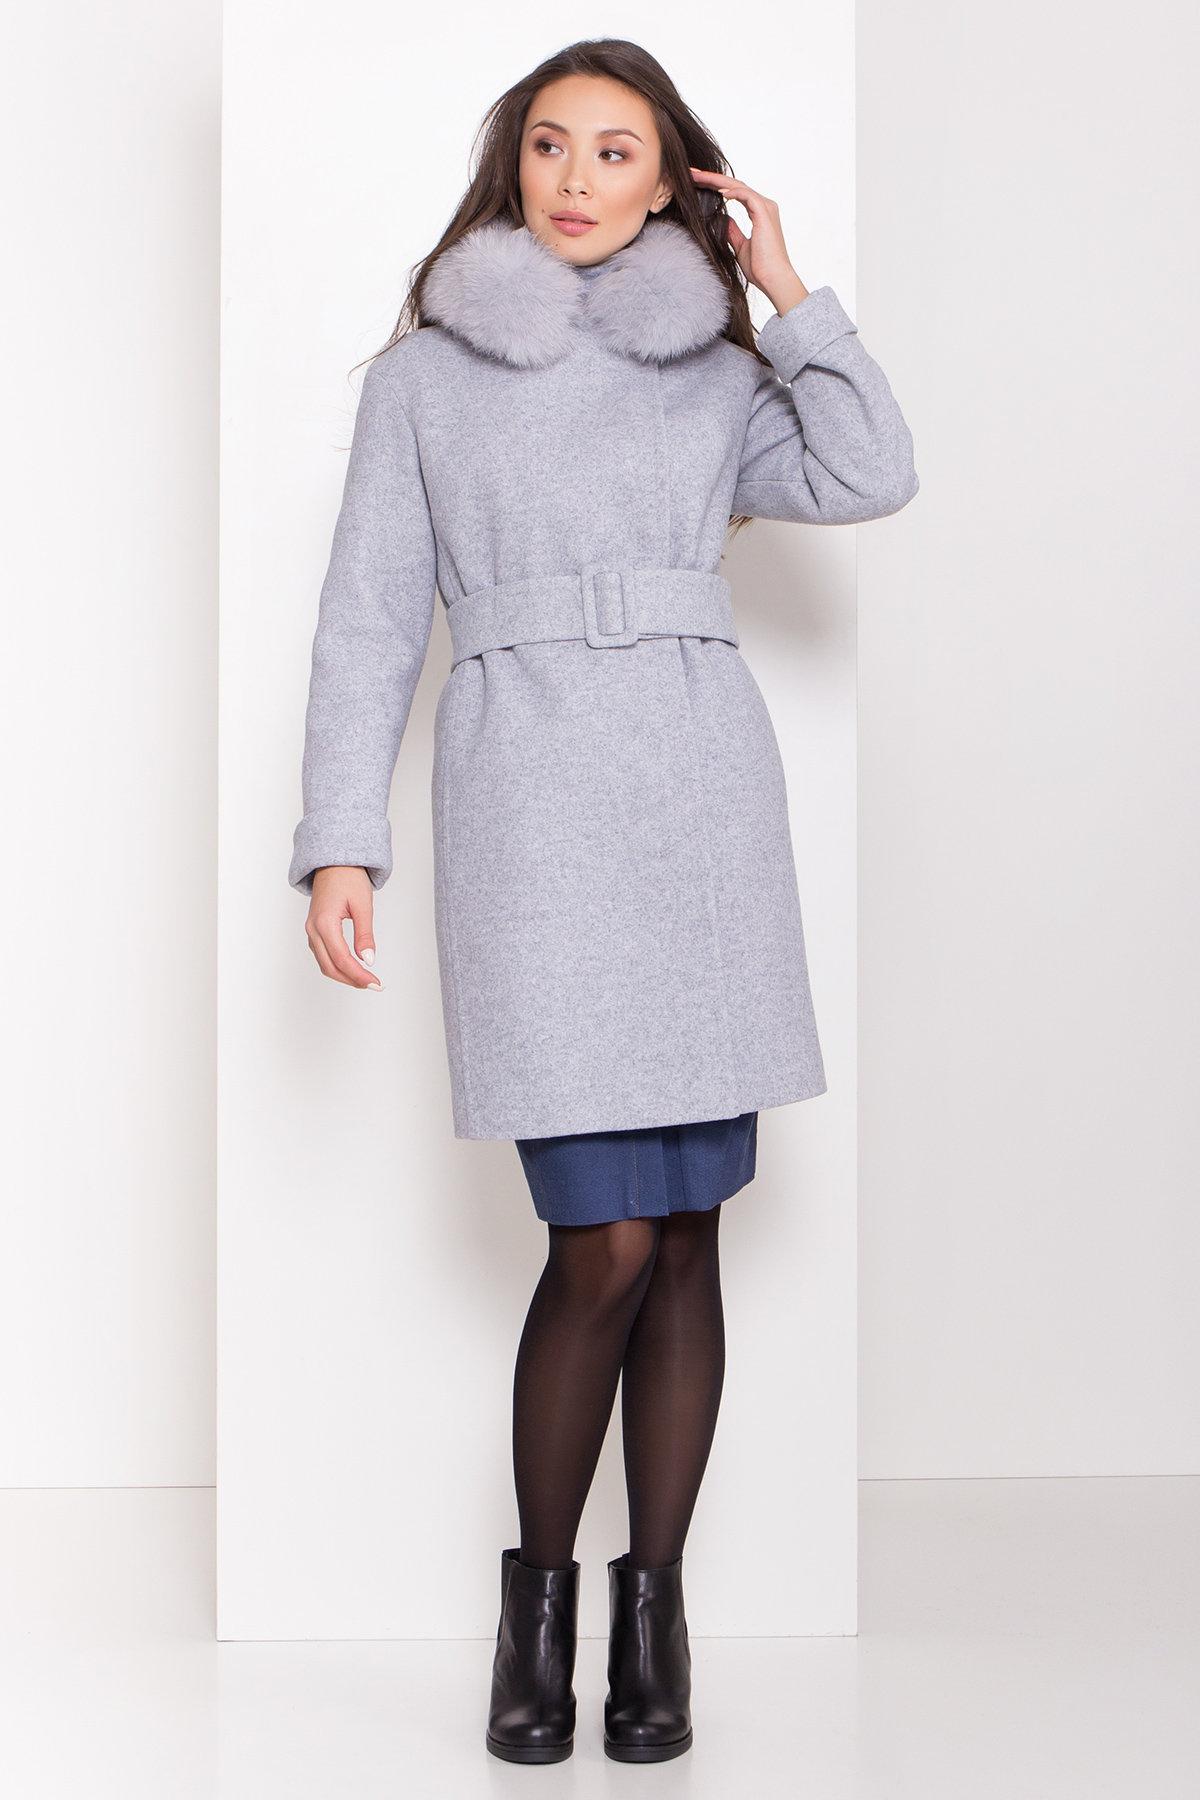 Заказать пальто оптом от Modus Полуприталенное зимнее пальто серых тонов Лизи 8170